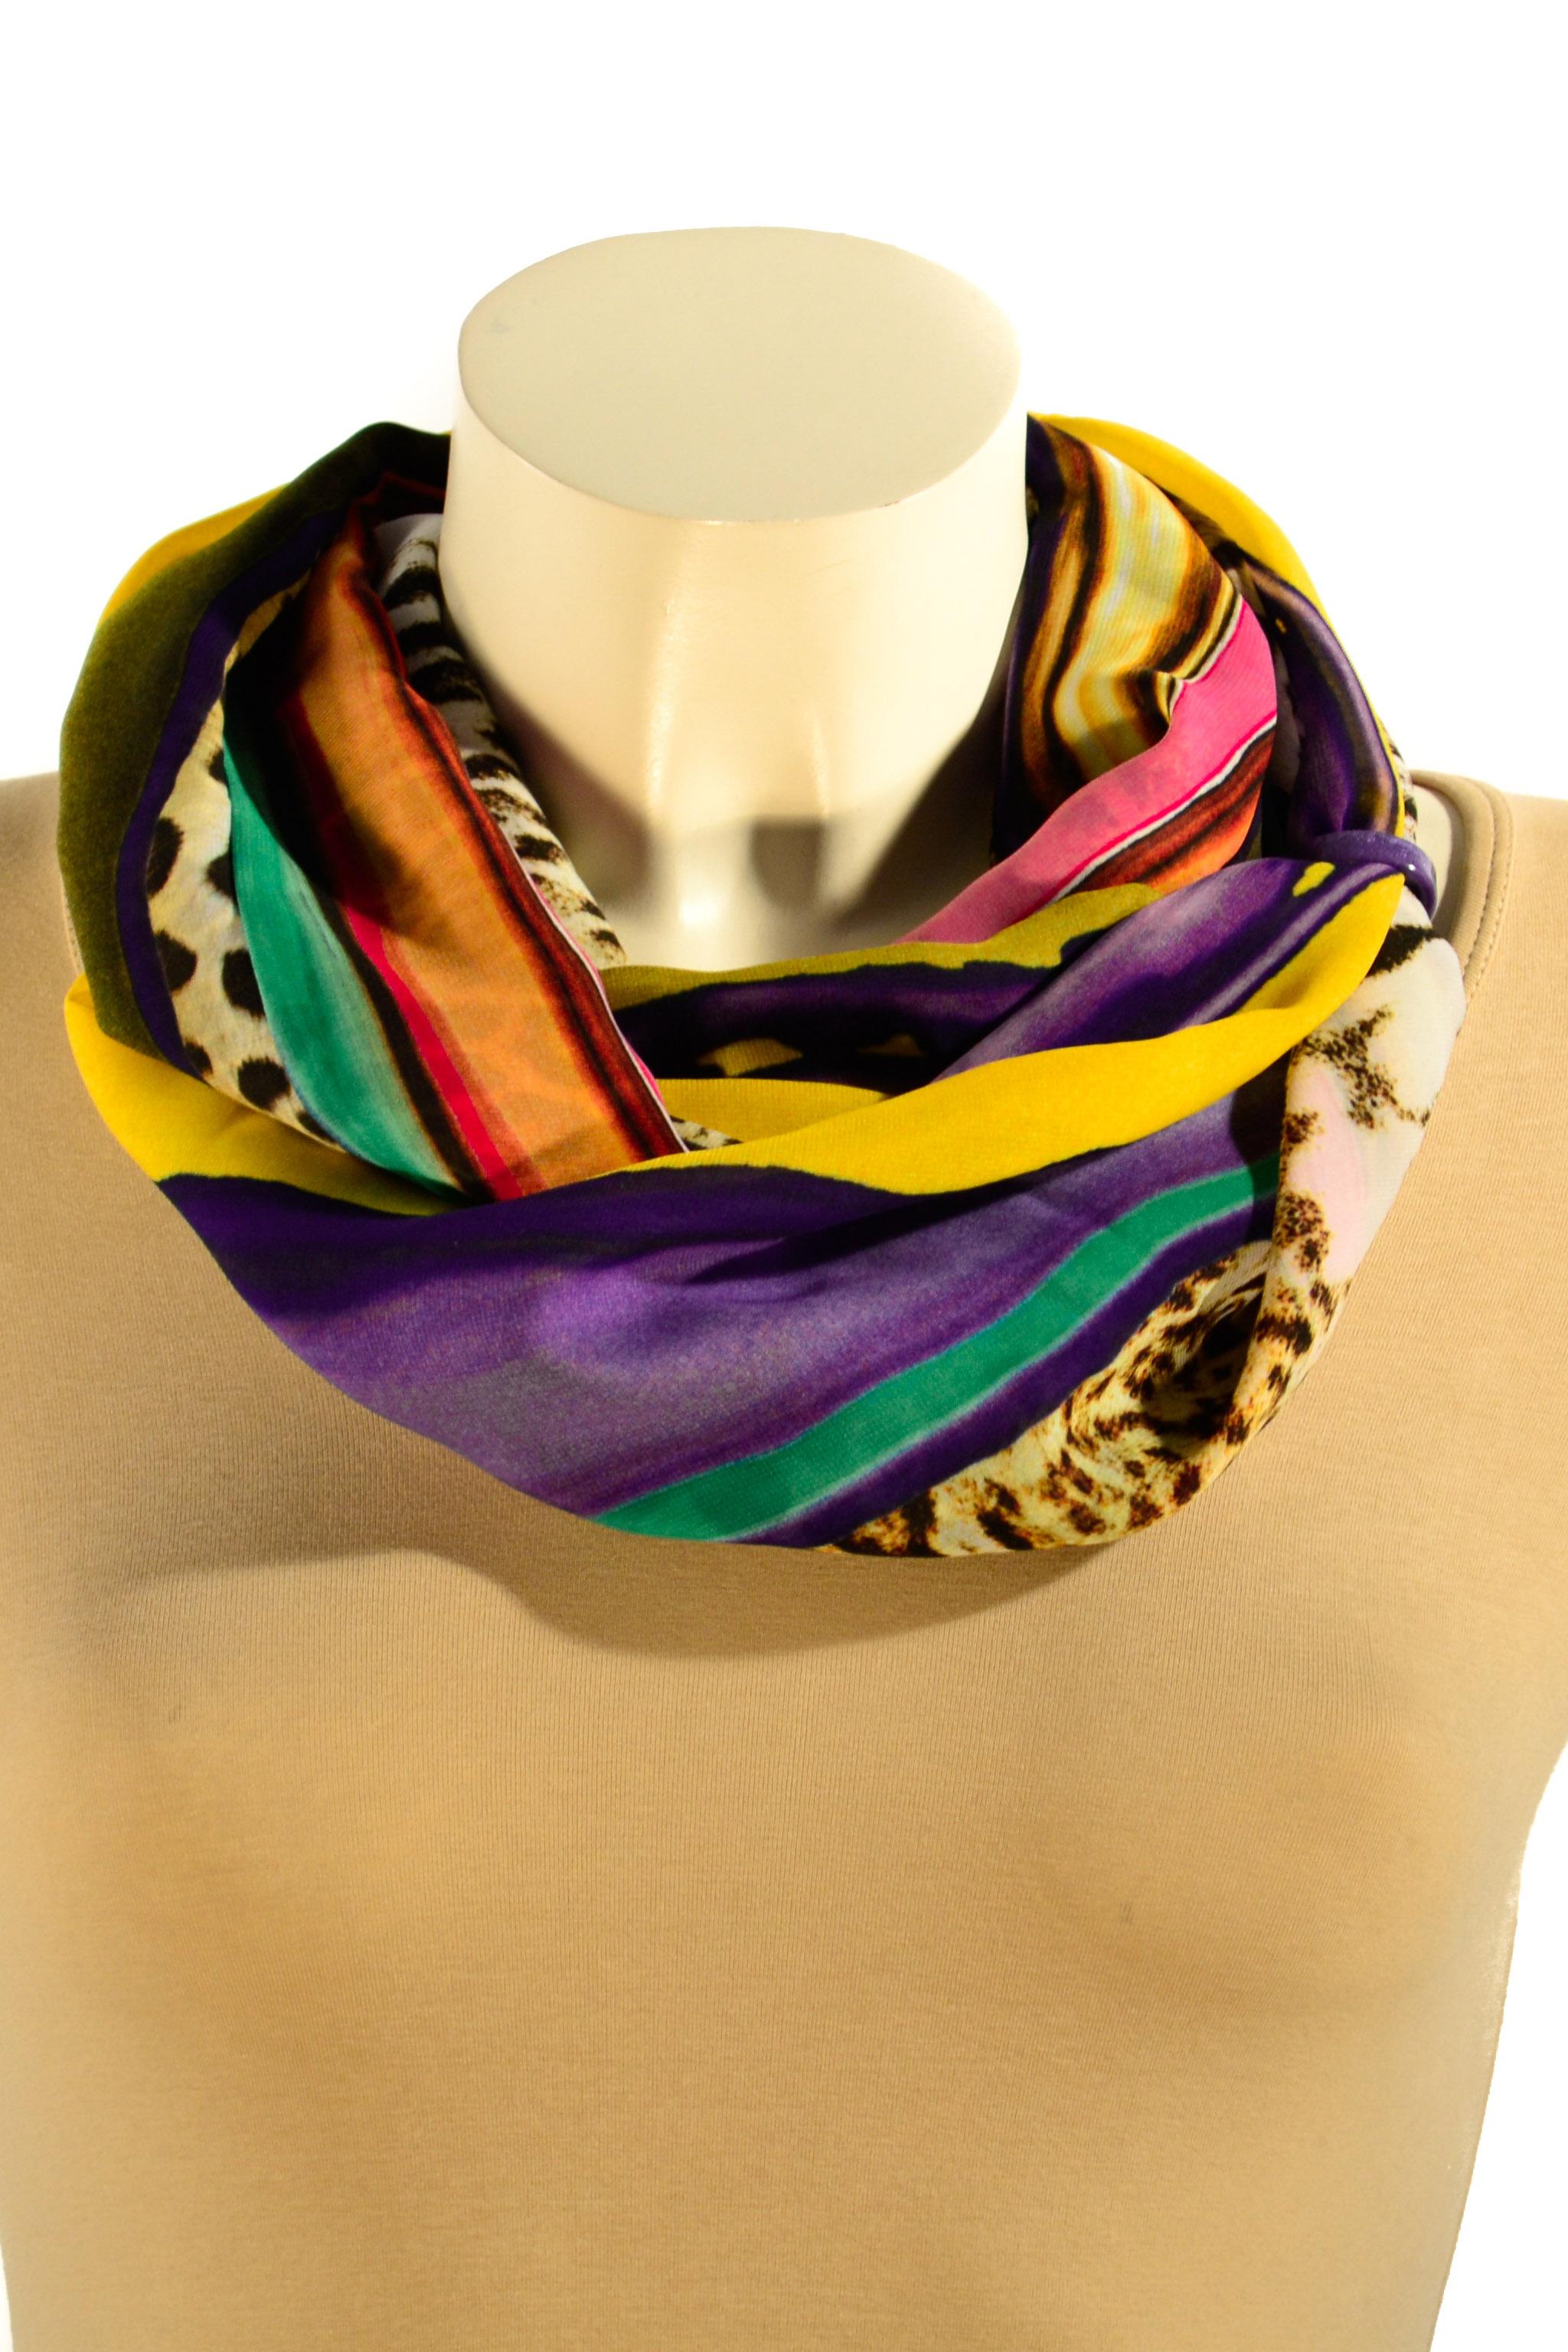 Шарф-дуэтШарфы<br>Шарф - дуэт это тандем шарфа и муфты, которая вшита в шарф - трубу. Шарф - труба в сшитом состоянии: длина 144 см, ширина 27 см. Шарф без аксессуаров.  В изделии использованы цвета: фиолетовый, желтый, черный и др.<br><br>По сезону: Всесезон<br>Размер : UNI<br>Материал: Шифон<br>Количество в наличии: 3